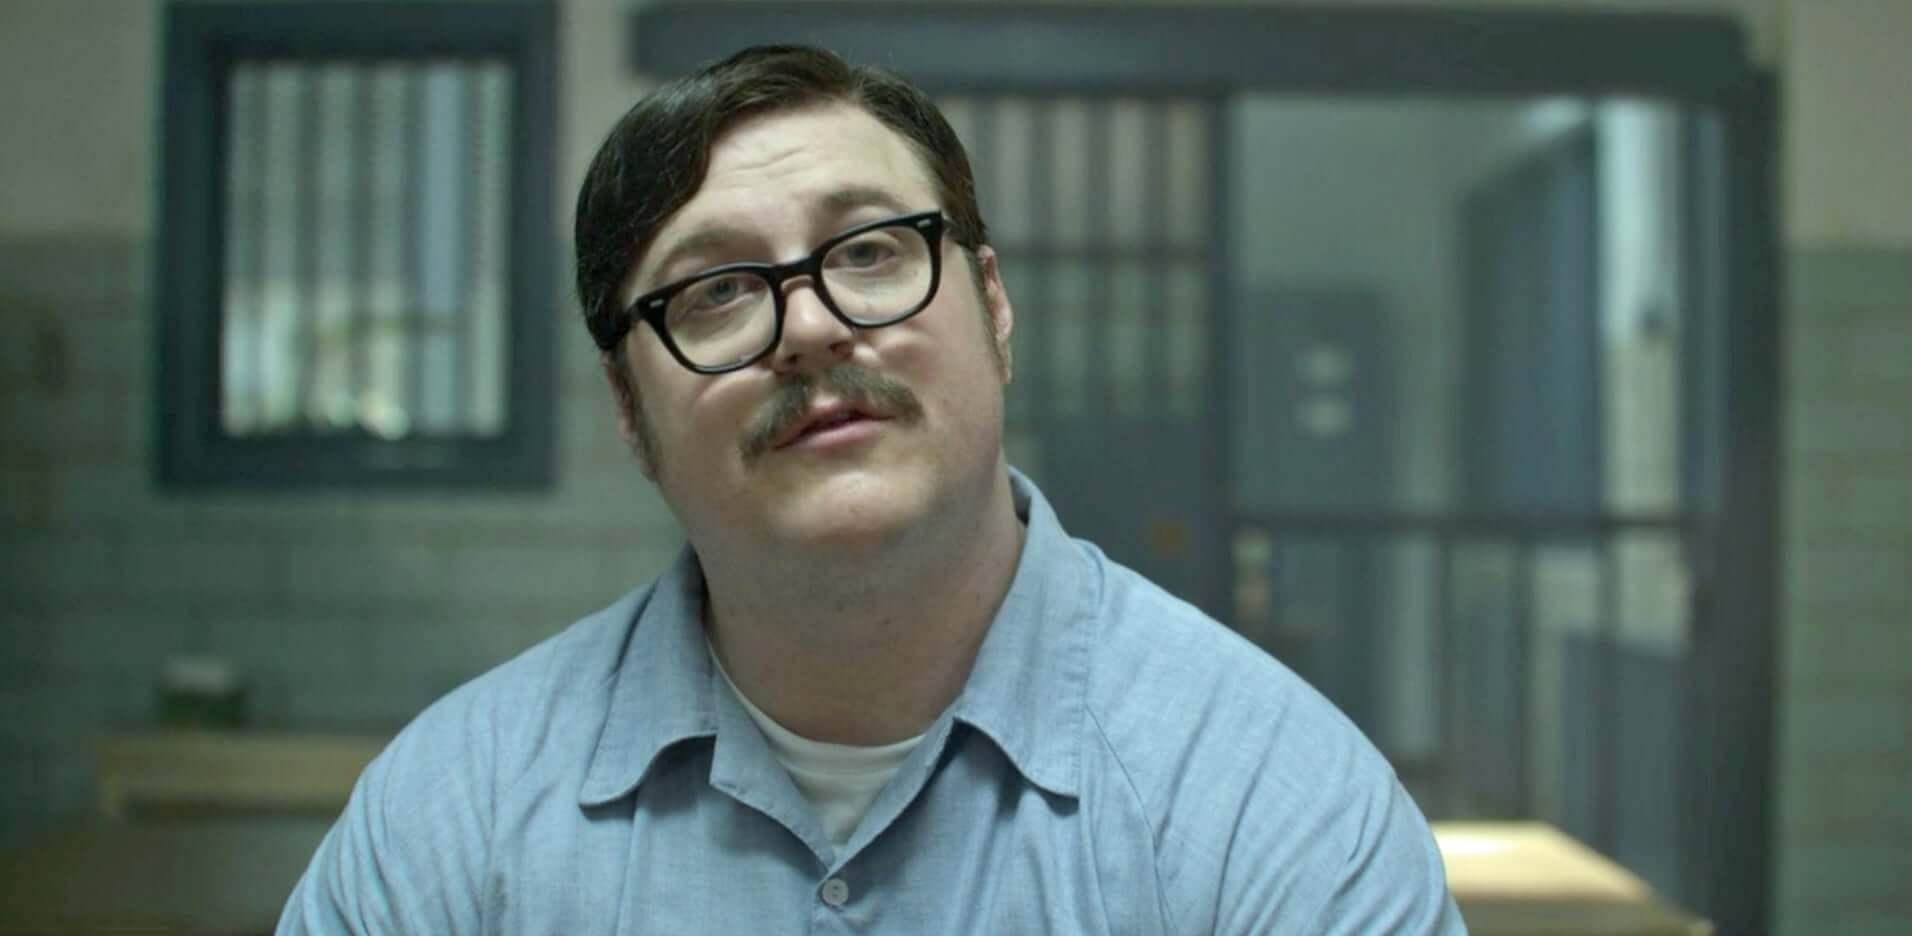 Ed Kemper, el asesino de colegialas